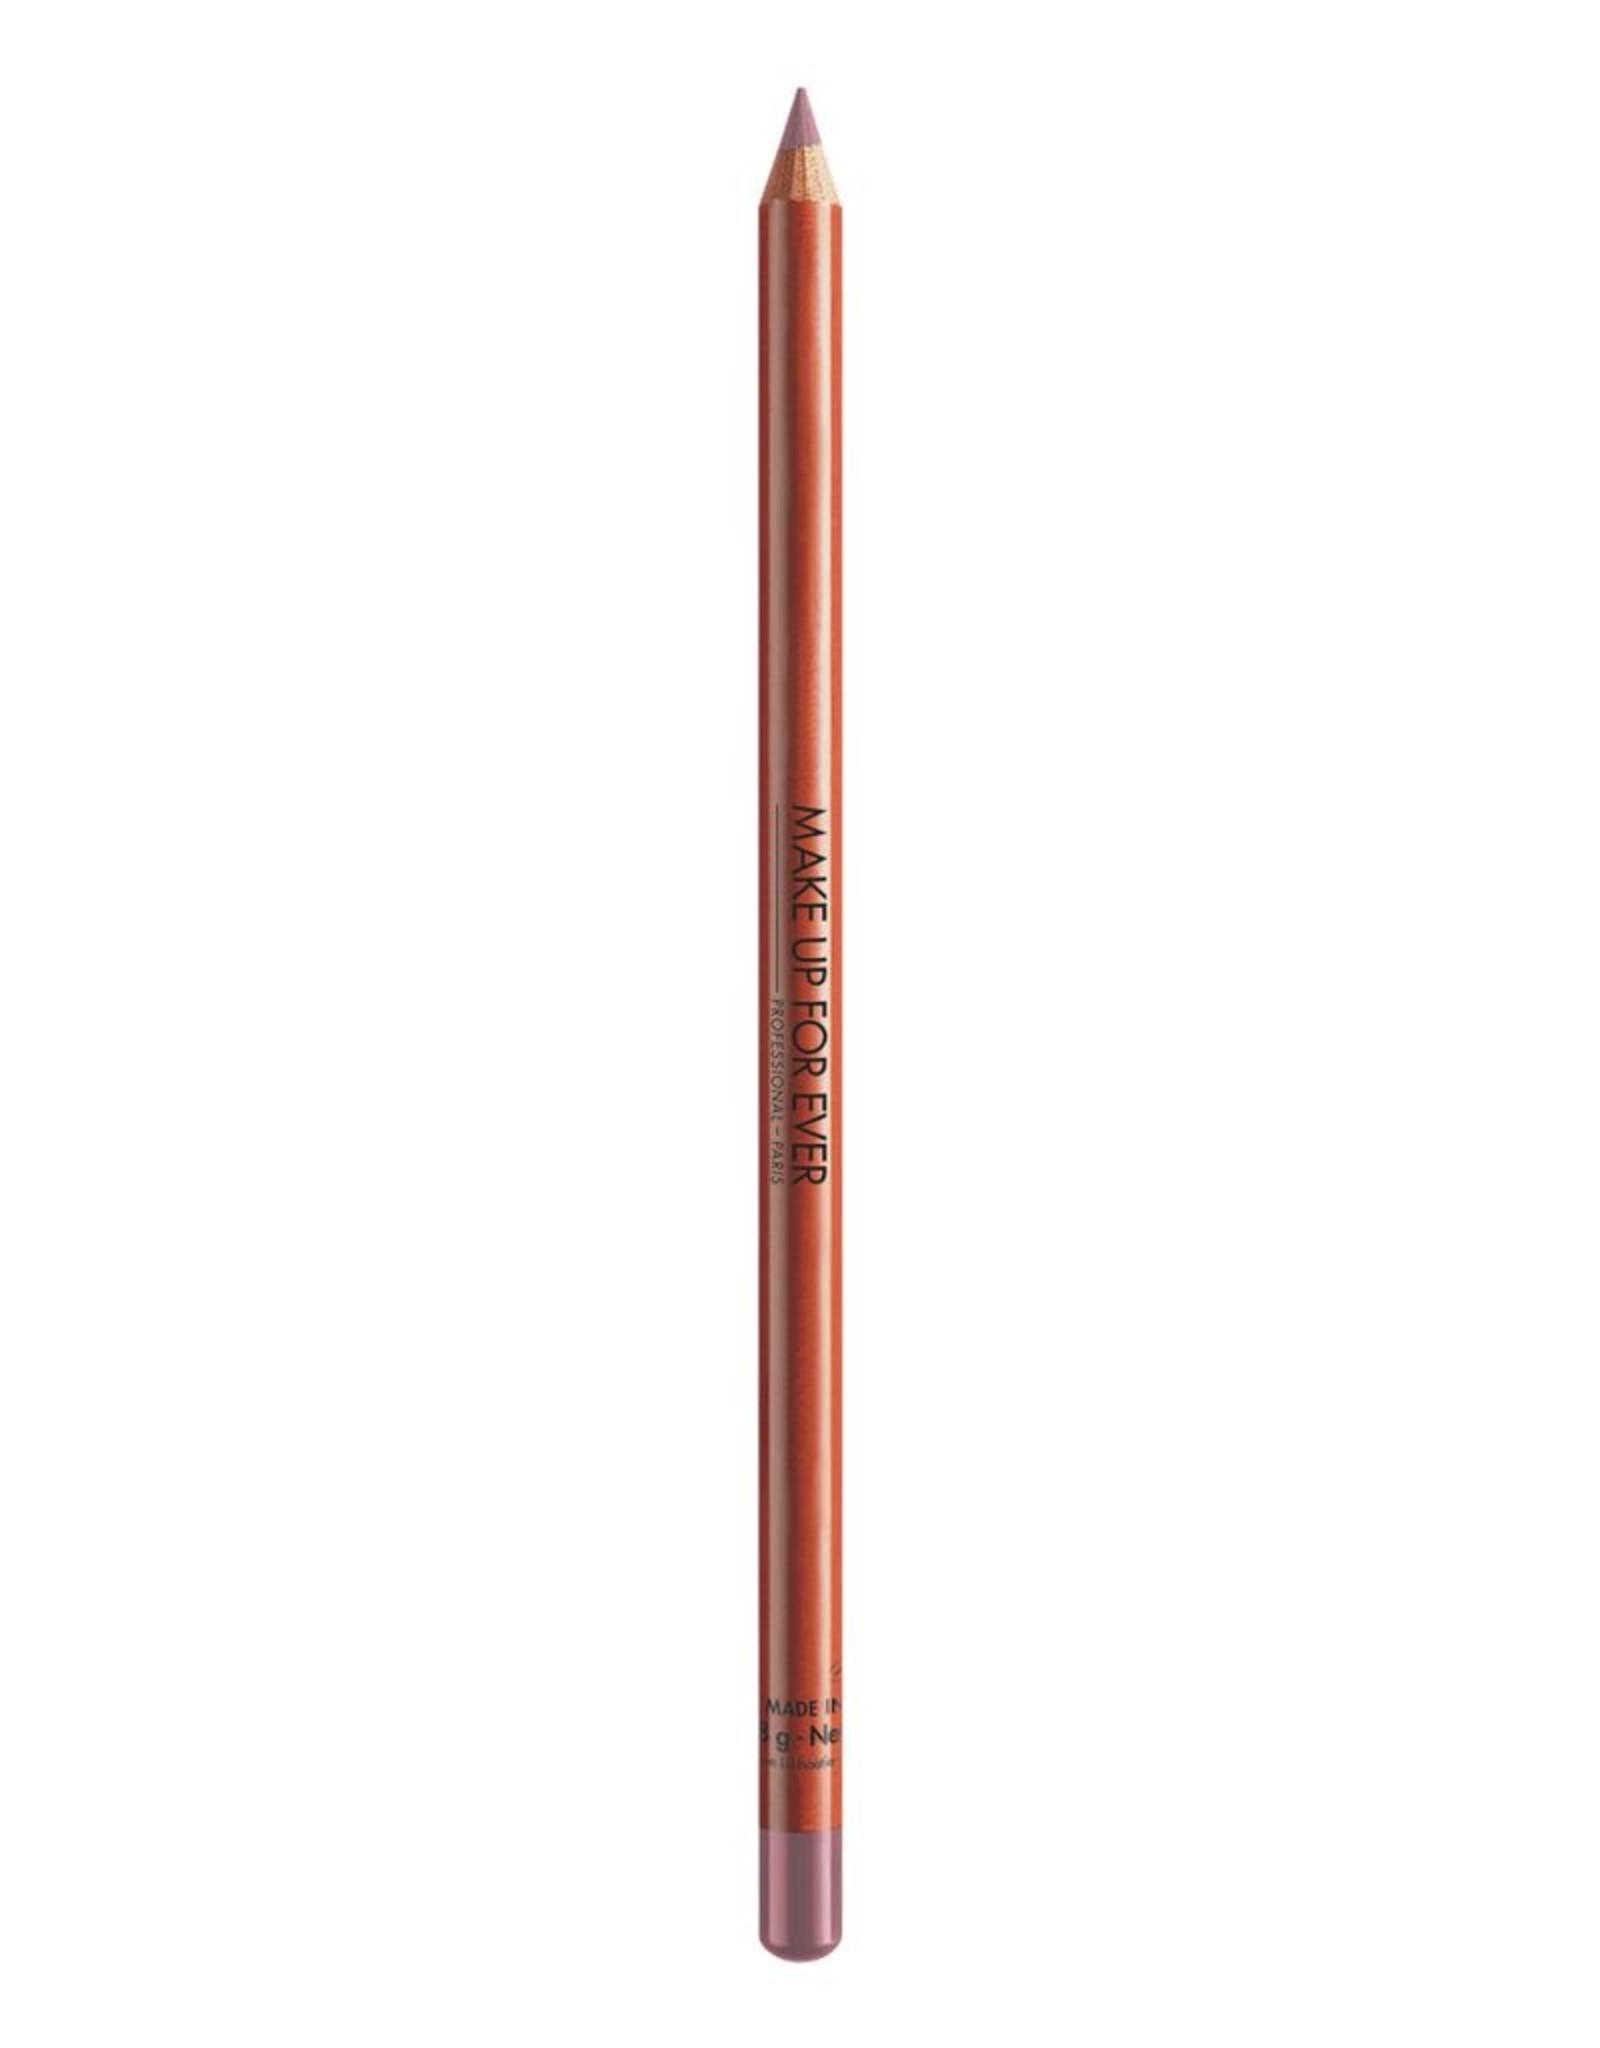 MUFE CRAYON LEVRES 1,8g N48 bois de rose /  rosewood